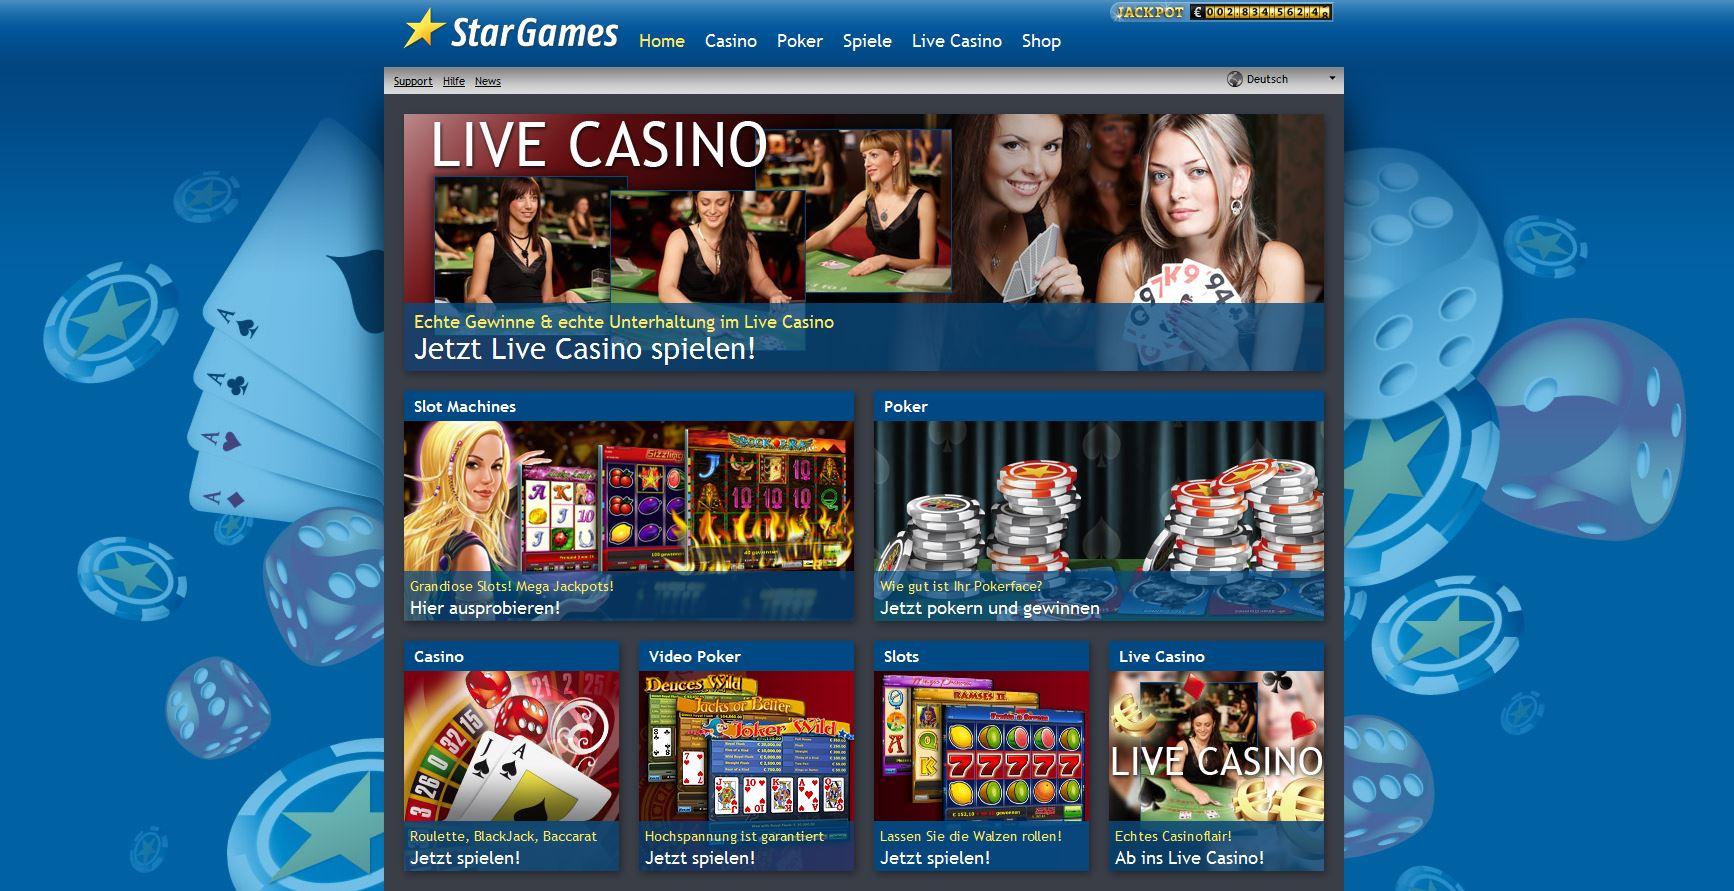 Stargames 100 Euro Willkommensbonus